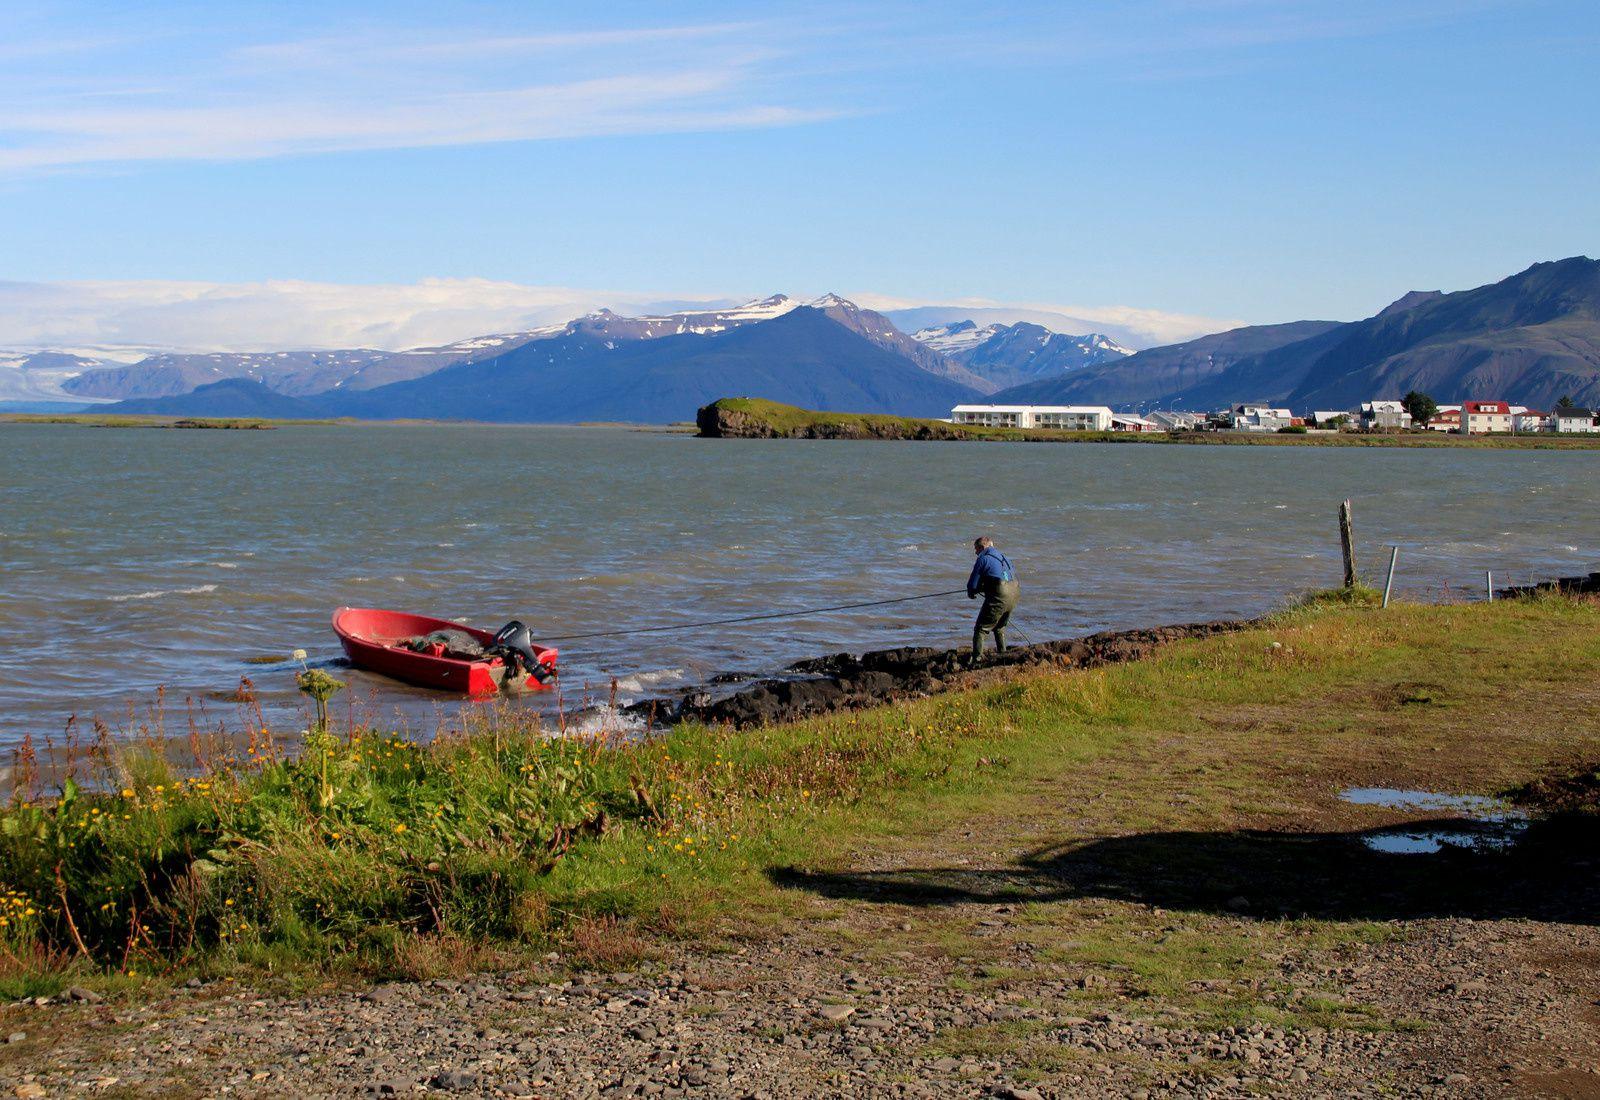 premier arrêt à Höfn avec vue sur les nombreuses langues de glacier